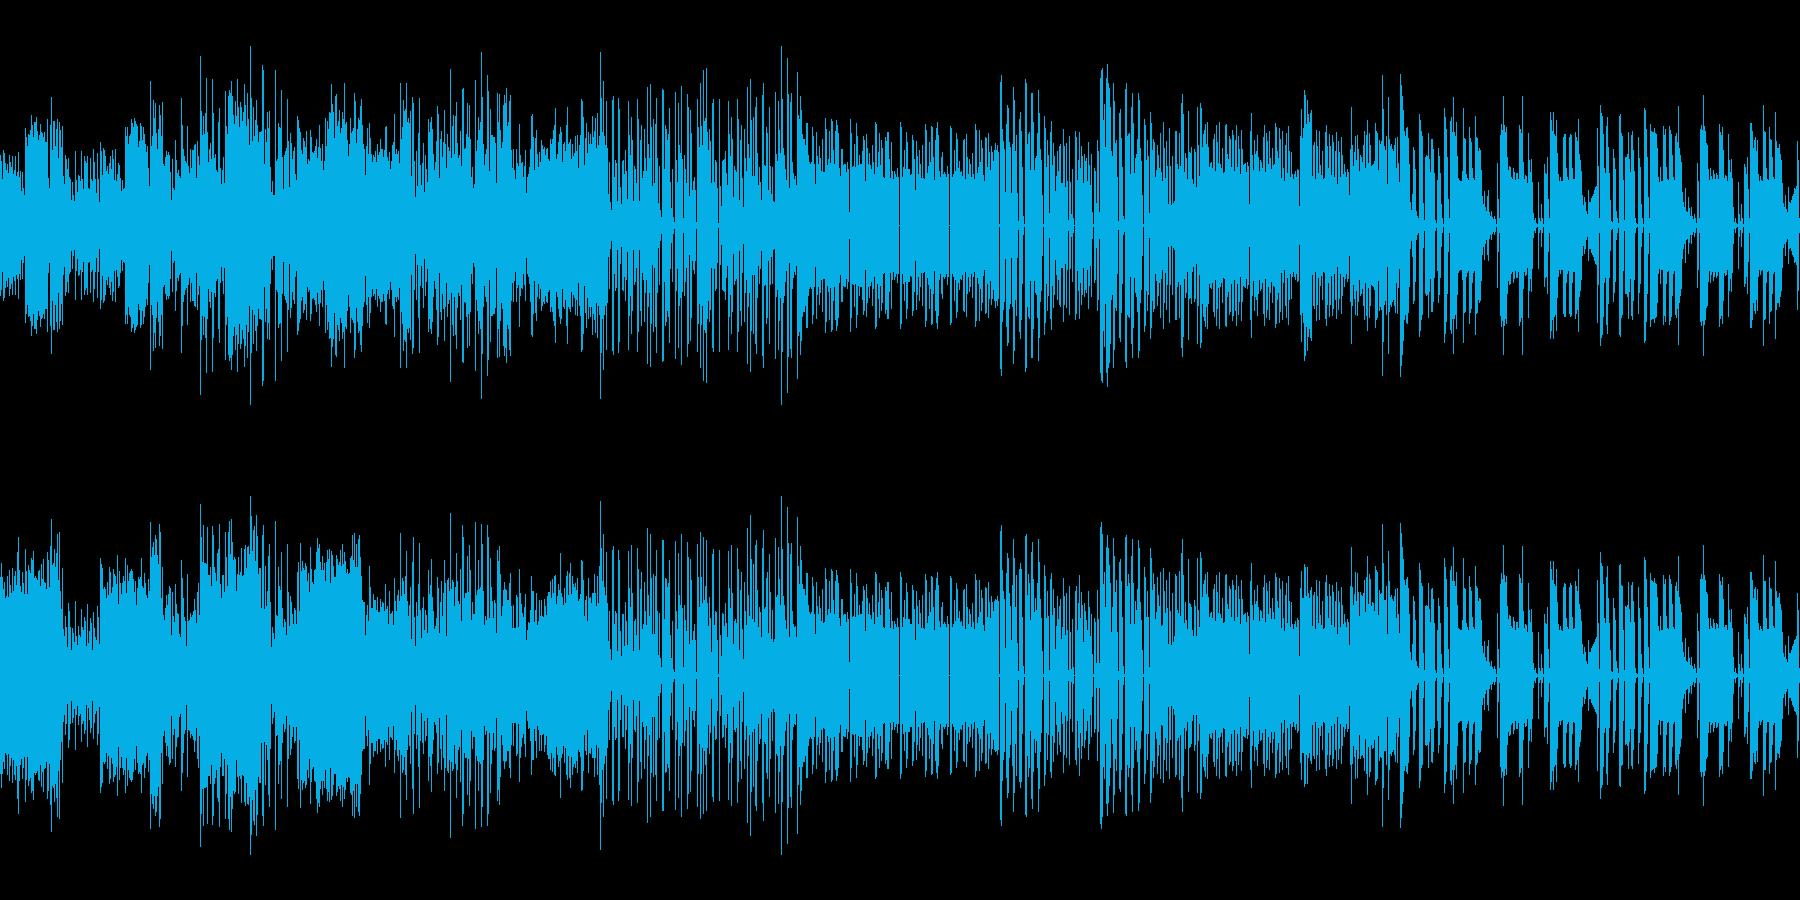 ビート重視のチップチューンの再生済みの波形